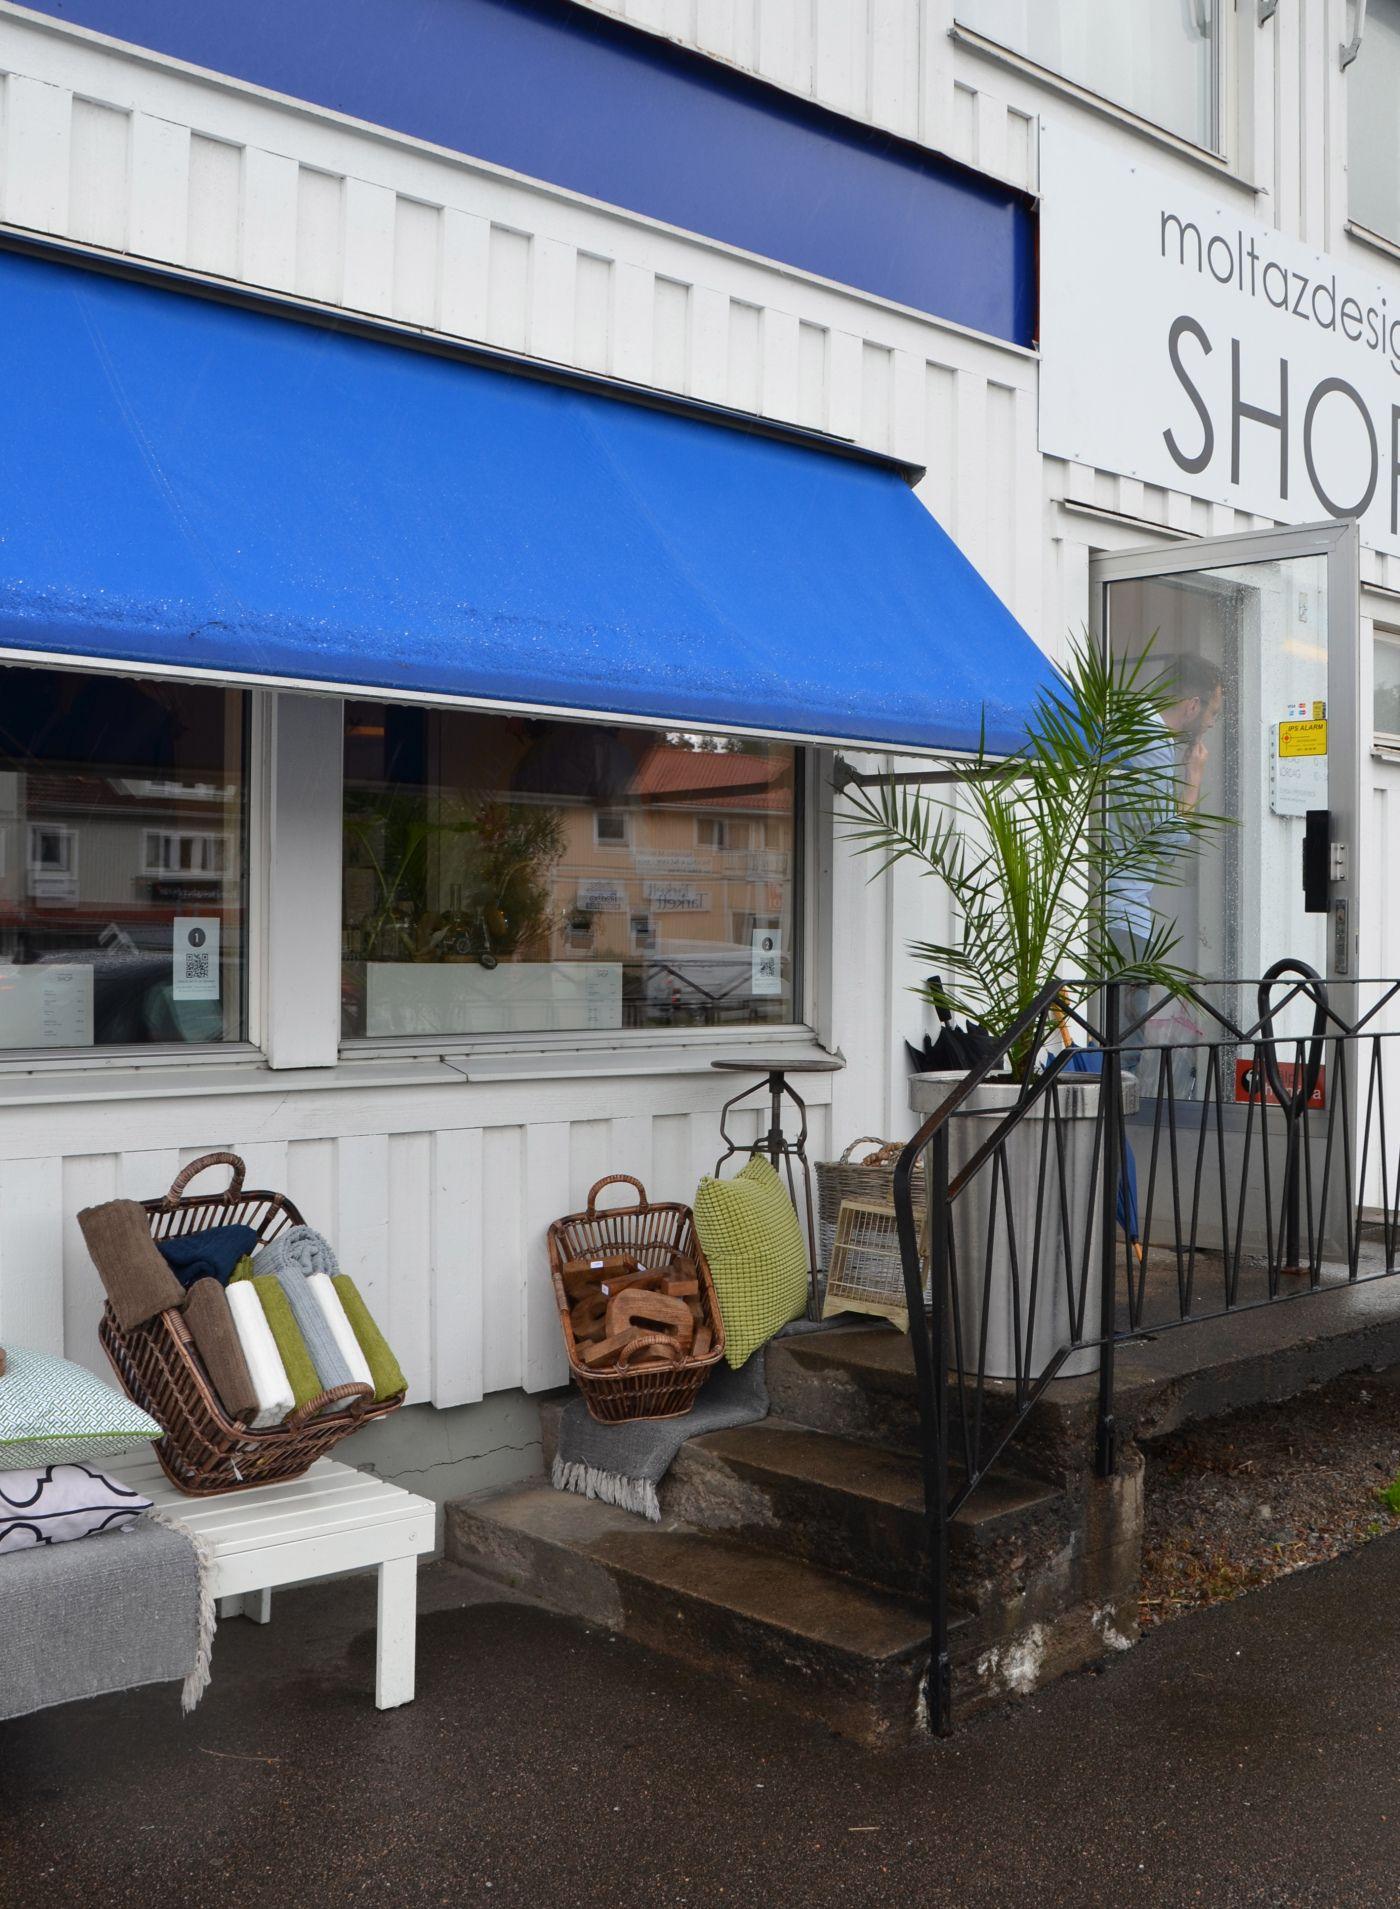 Moltazdesign Shop ute på Orust, eller närmre bestämt i Henån